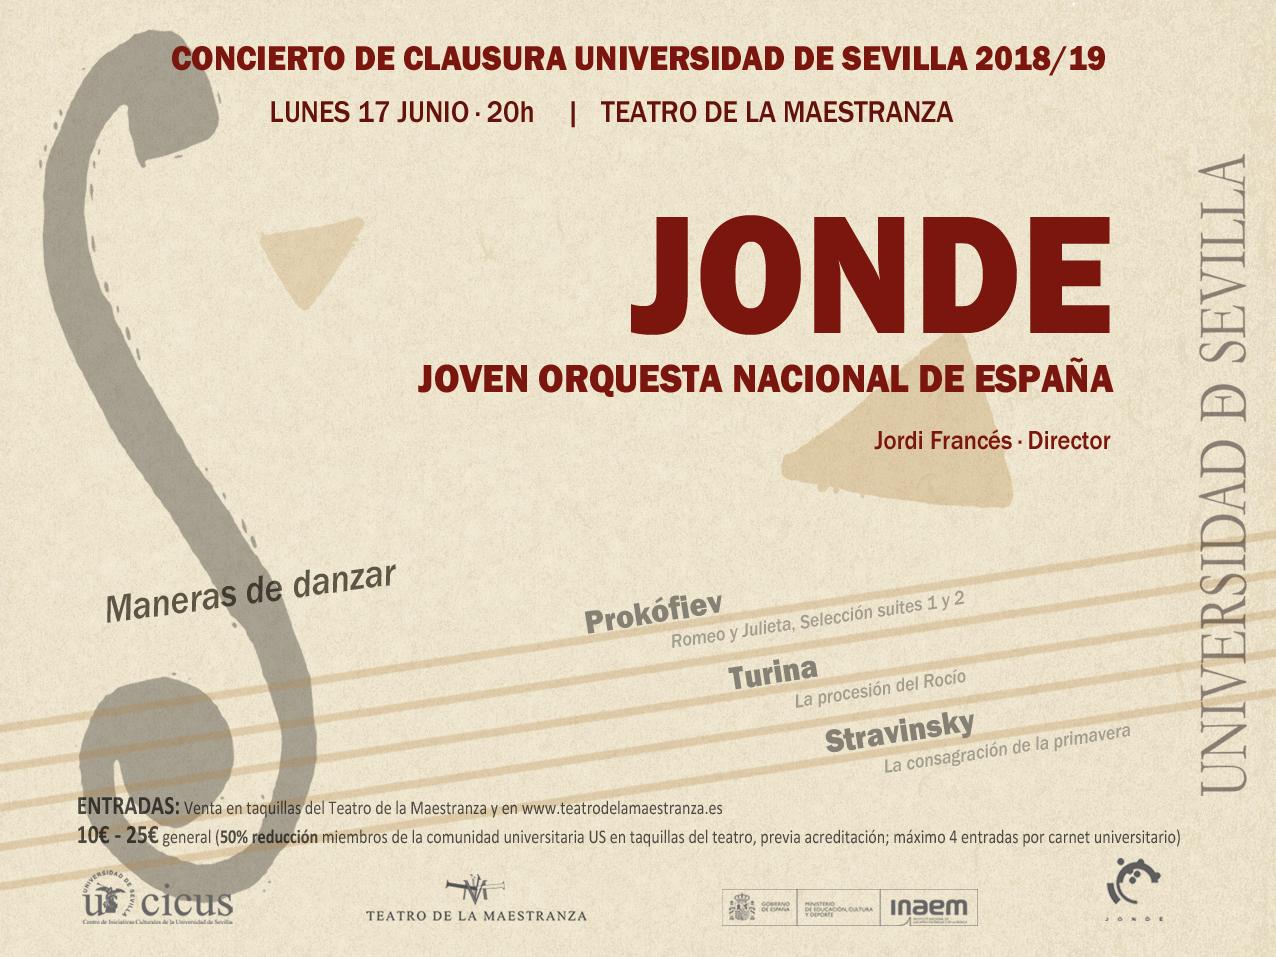 Universidad de Sevilla. Concierto Clausura del Curso 2018-2019 JONDE